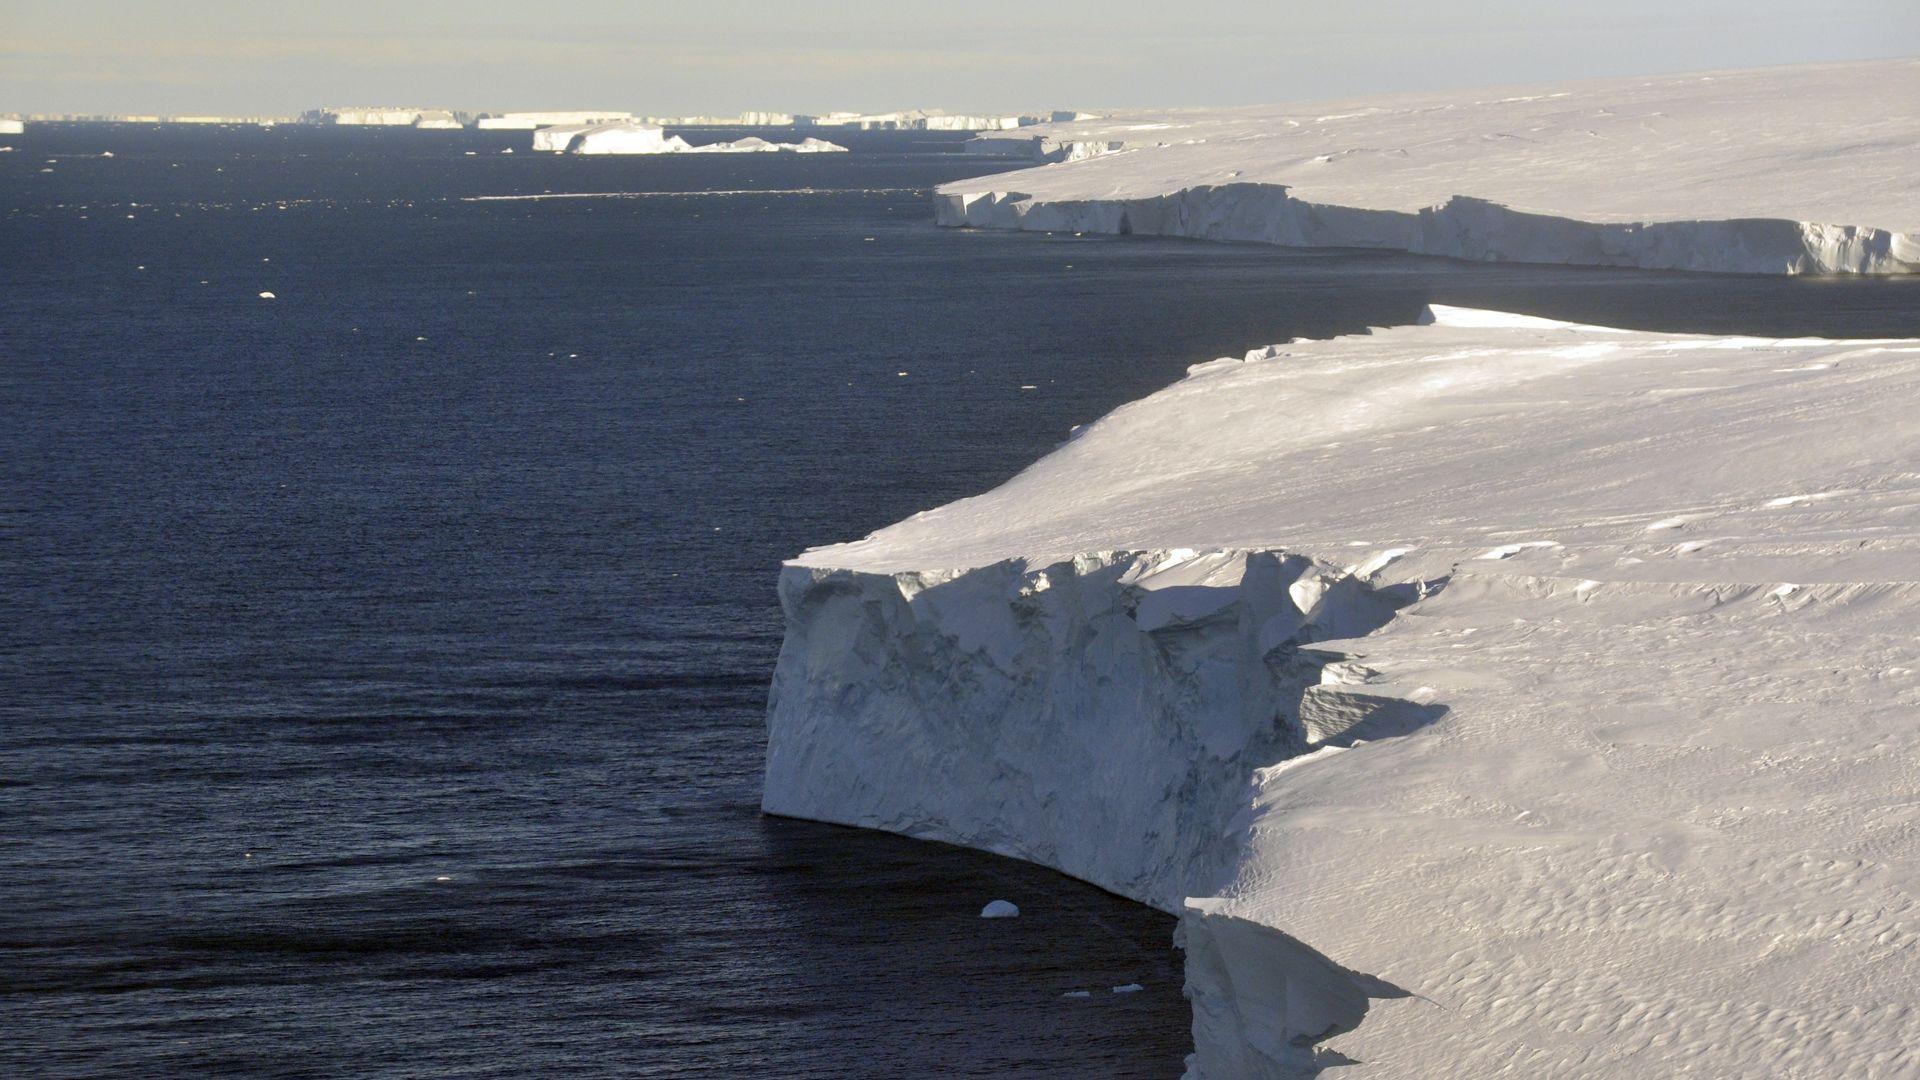 Doomsday Glacier